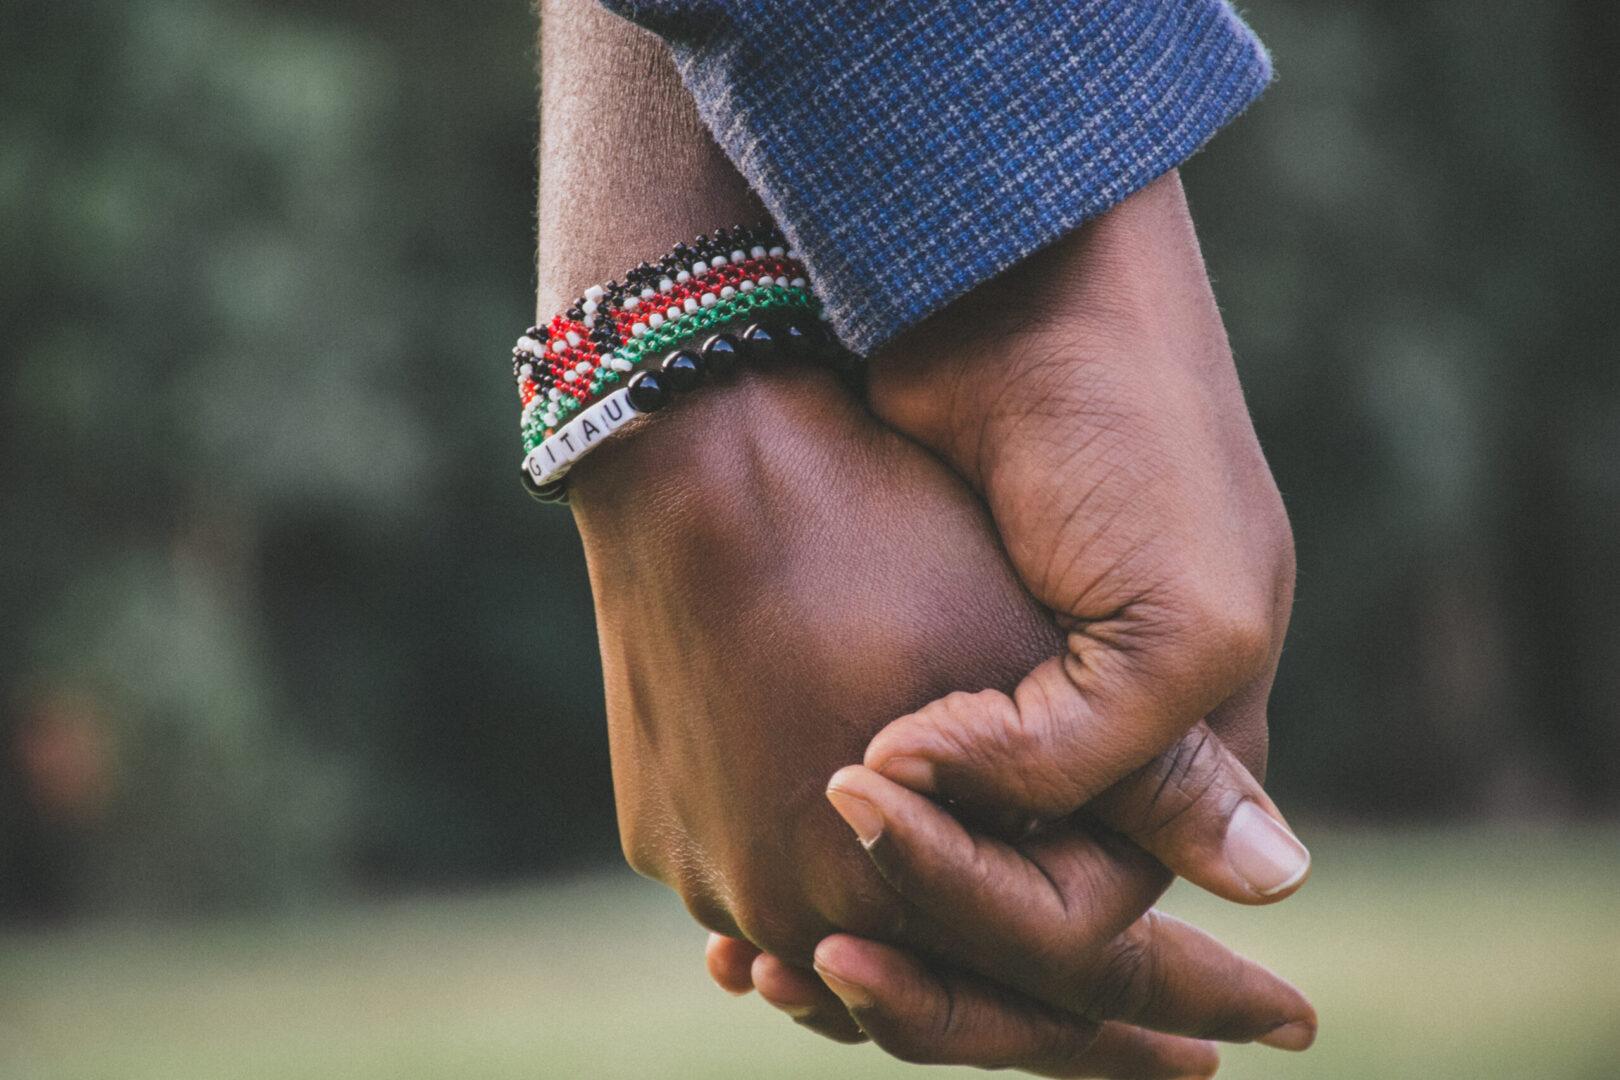 Δες το Ζώδιο του και βελτίωσε τη σχέση σας!